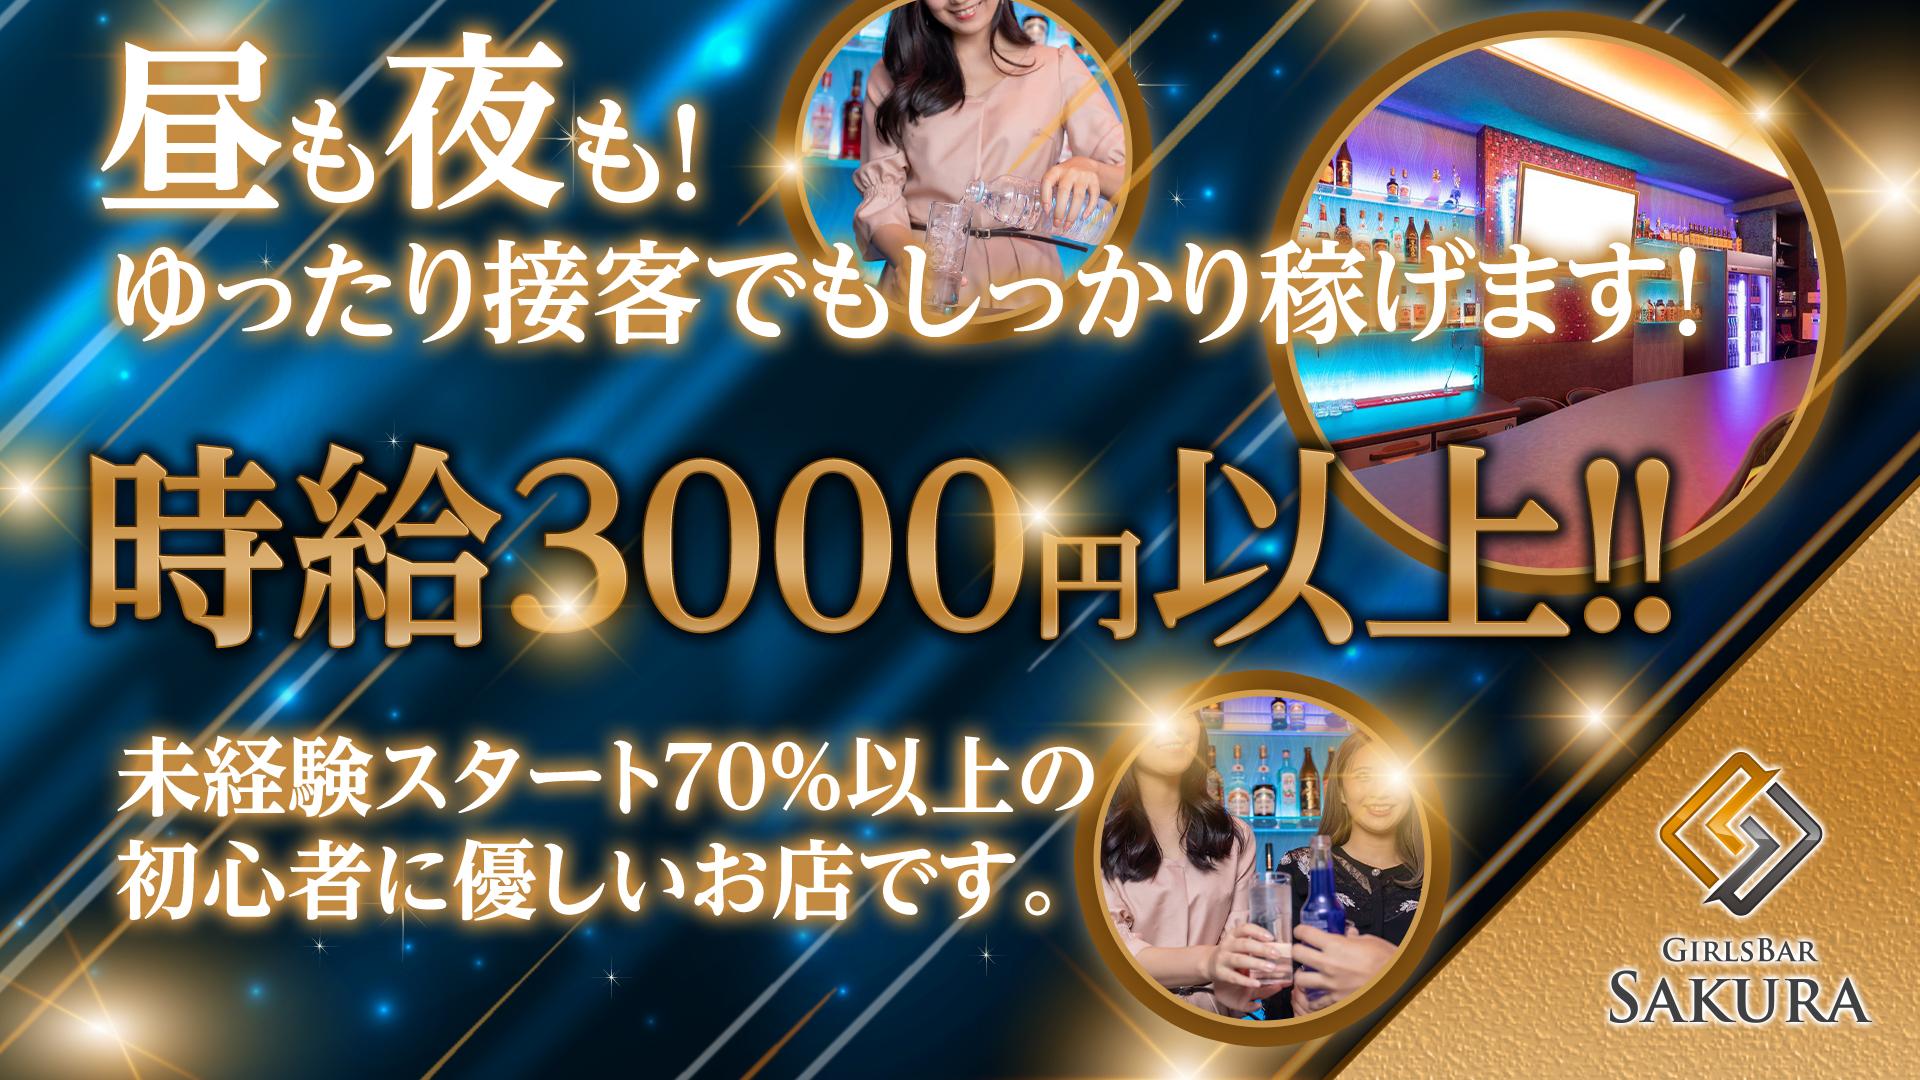 ガールズバーSAKURA<サクラ> 五反田 ガールズバー TOP画像